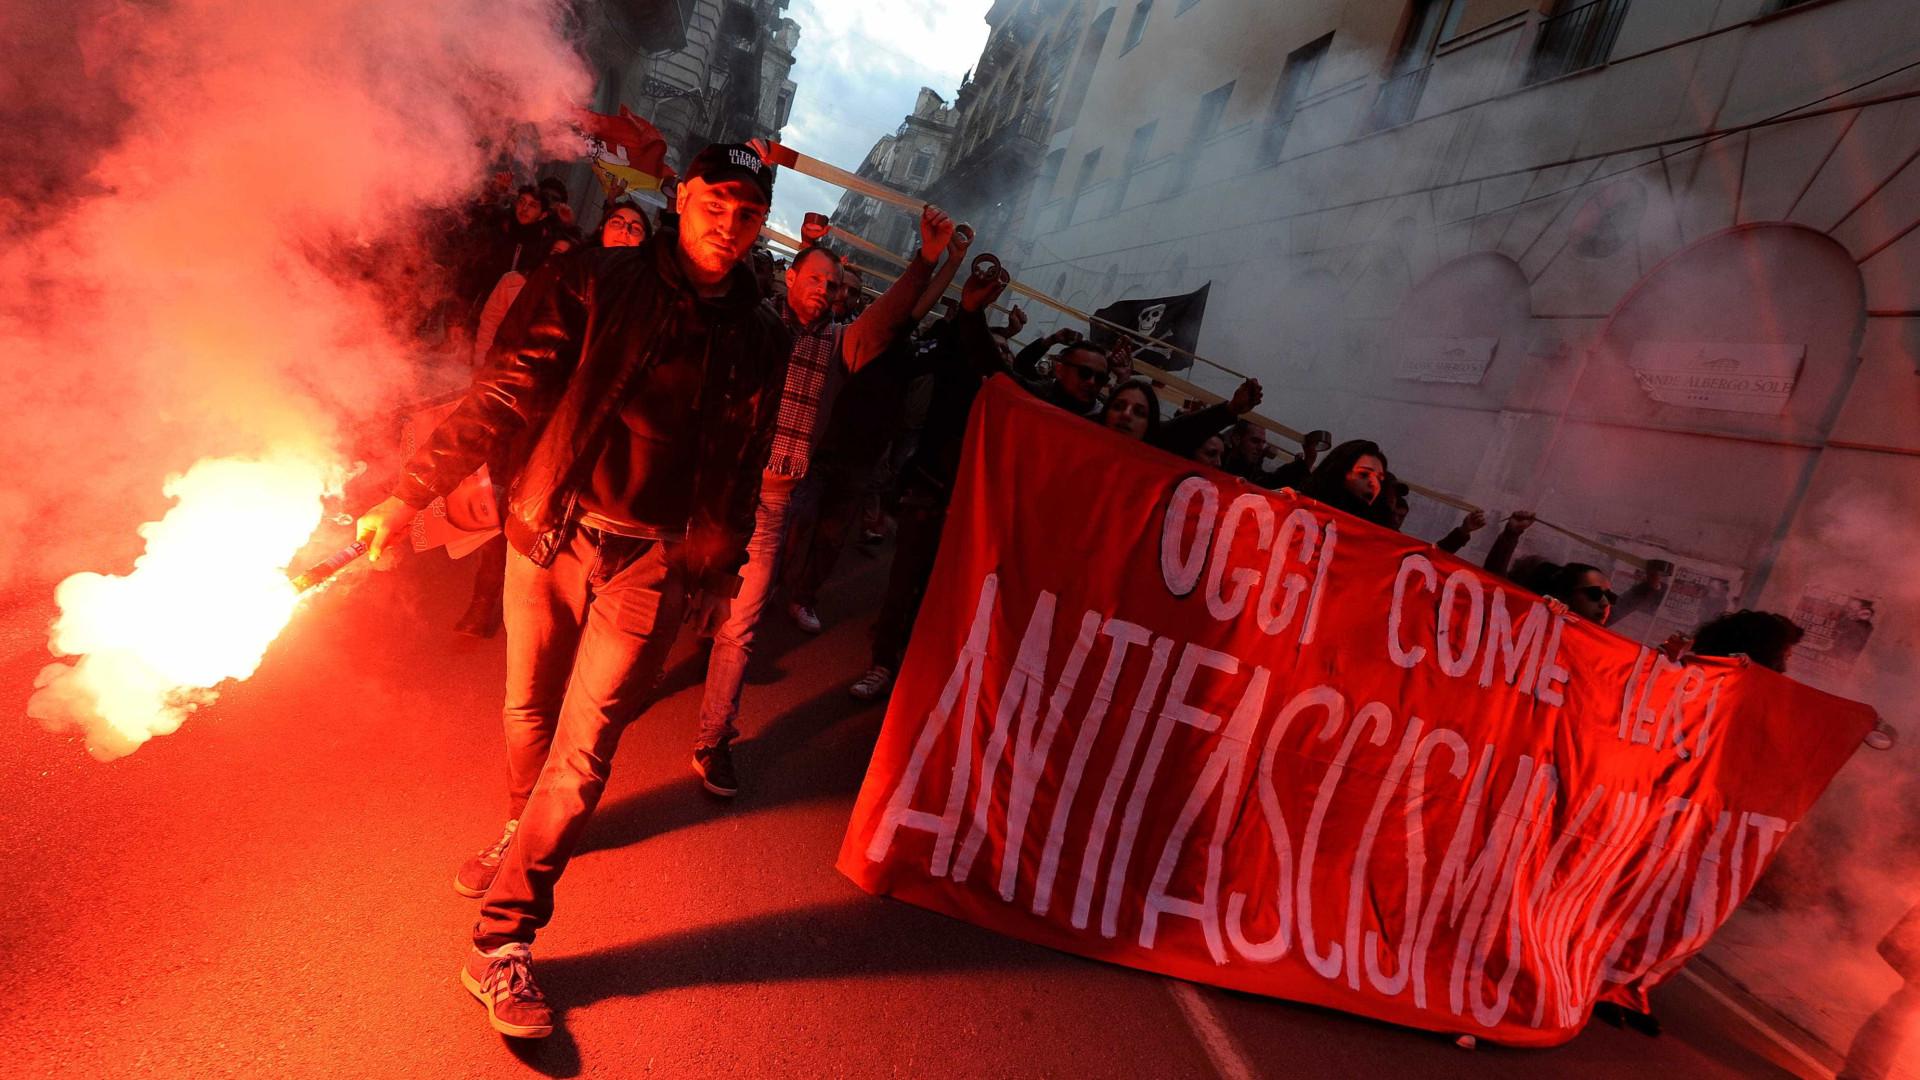 Em Itália foi dia de marchas de antifascistas e extrema-direta